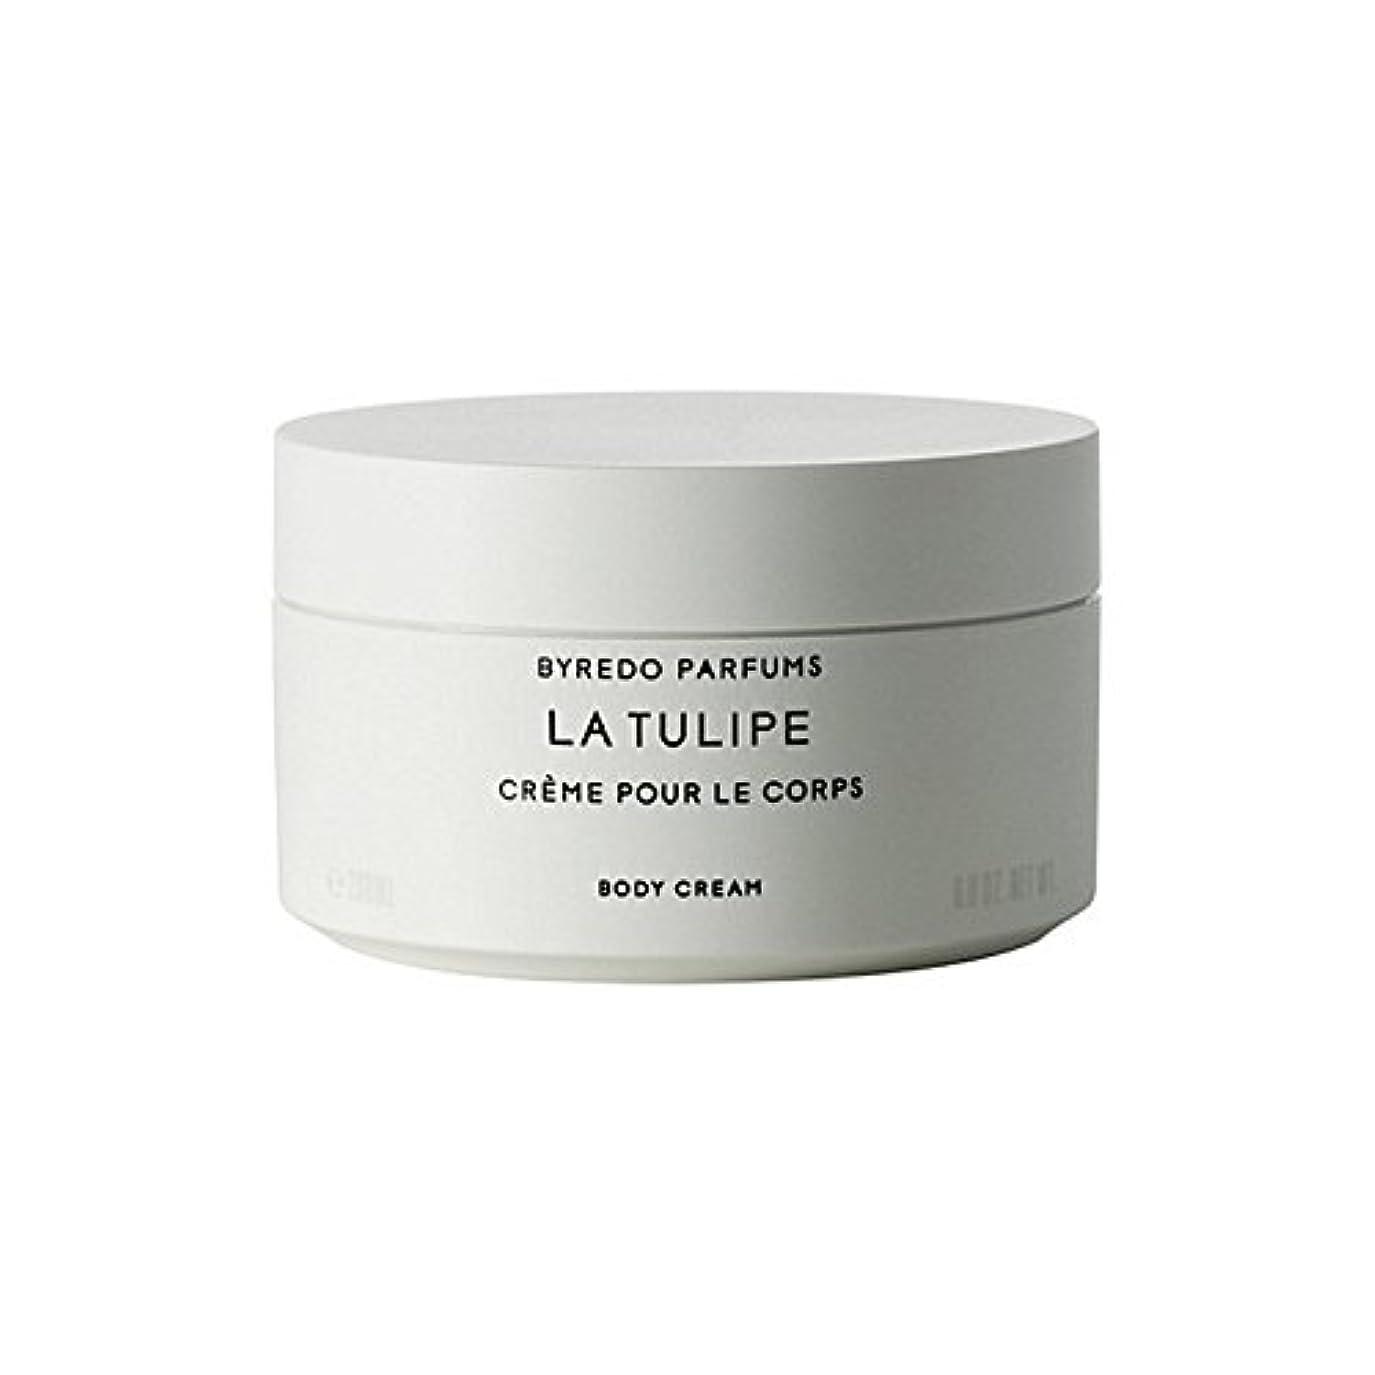 ライフルラックストローラチューリップボディクリーム200ミリリットル x4 - Byredo La Tulipe Body Cream 200ml (Pack of 4) [並行輸入品]